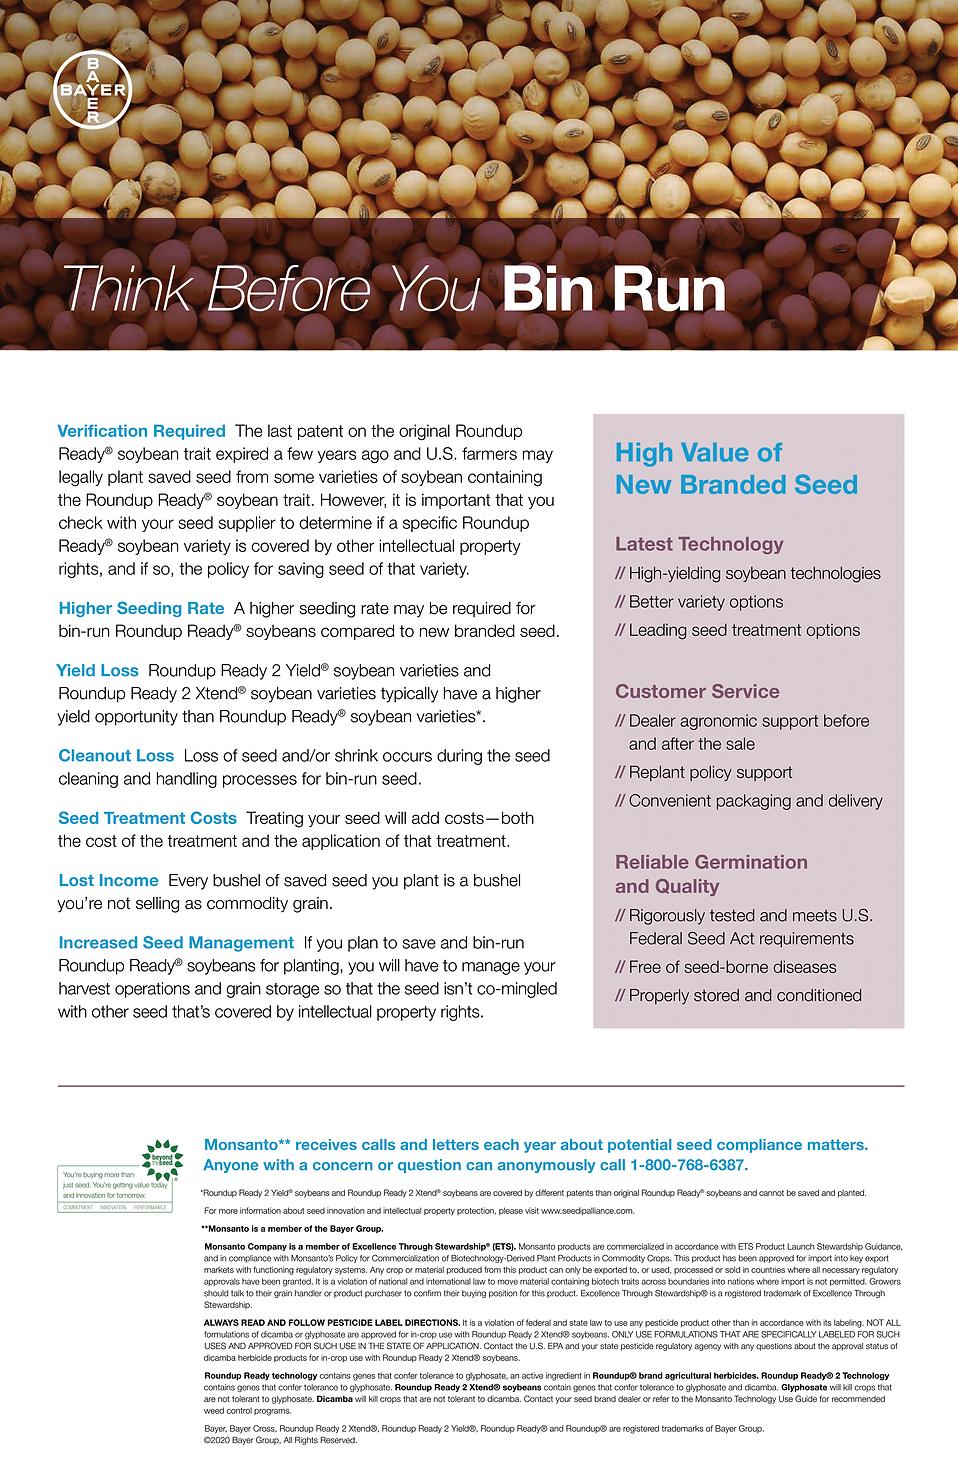 Bin-Run-Poster-11x17_L-1-1.png